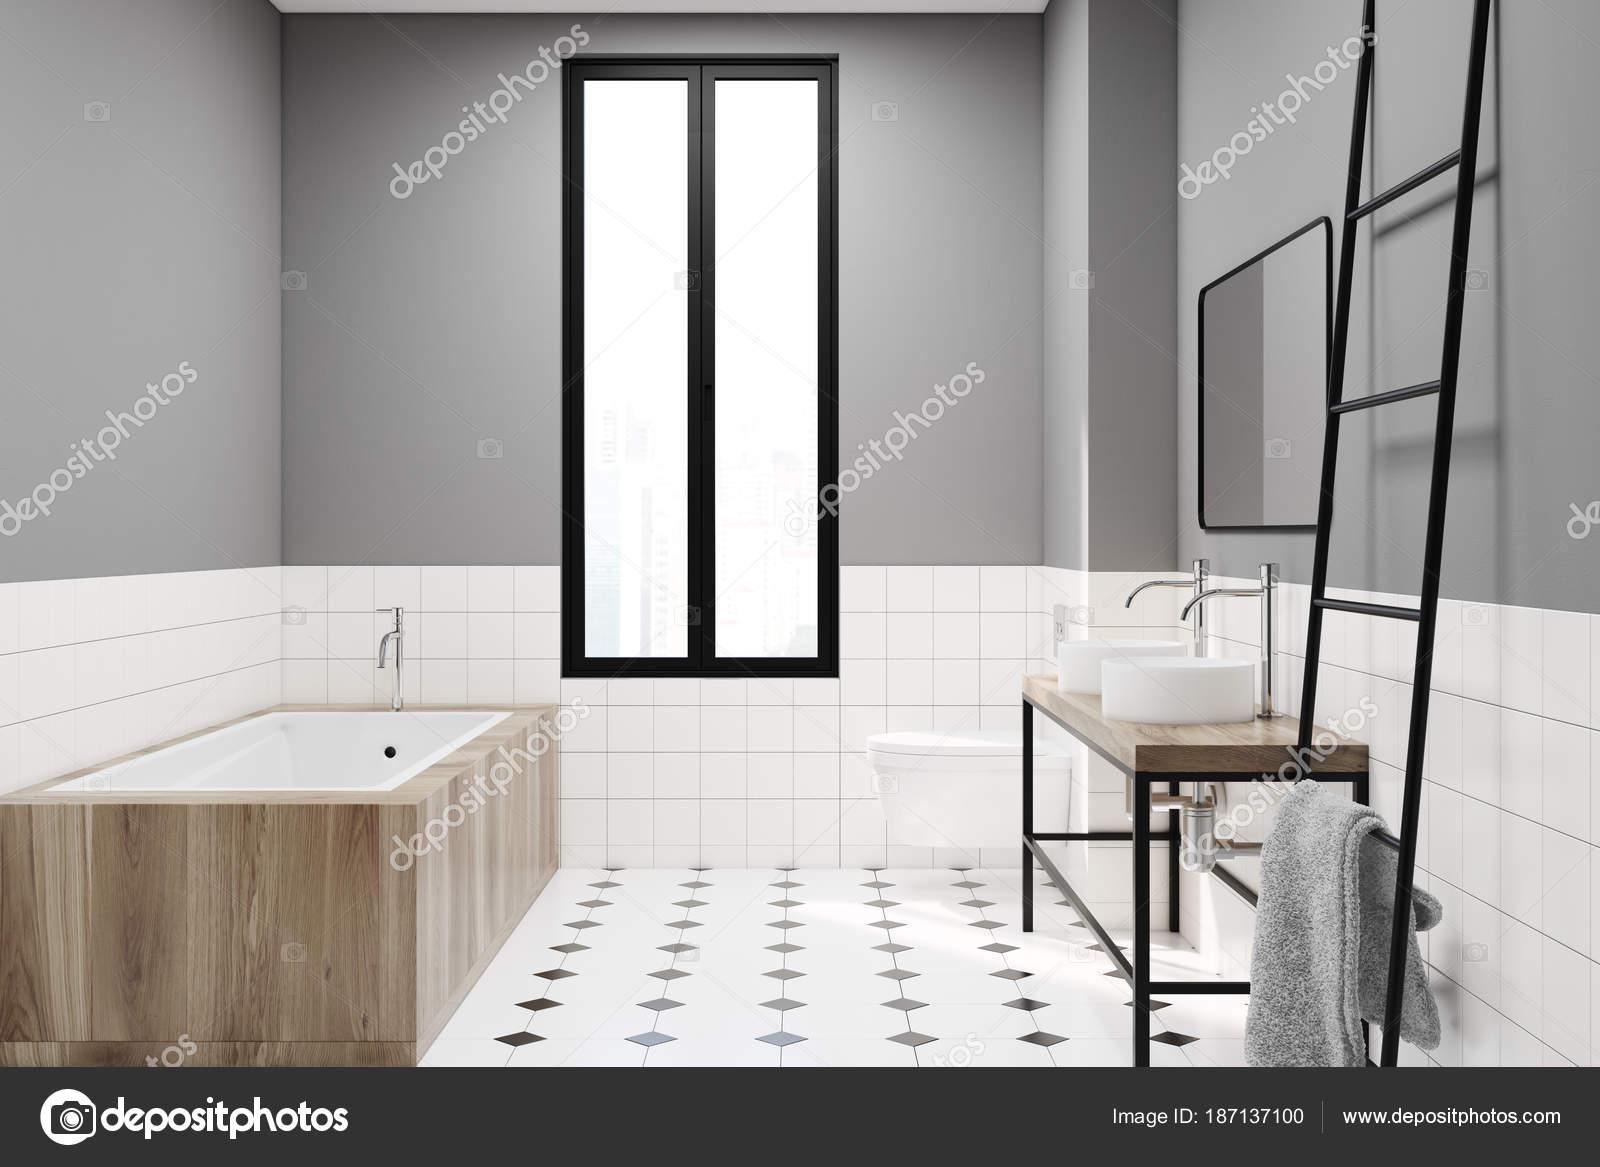 Modernes Grau Badezimmer Deko Idee. Ein Schwarz Weiß Gefliesten Boden, Ein  Schmales Fenster, Einer Hölzernen Wanne, Zwei Waschbecken Und Eine Leiter.